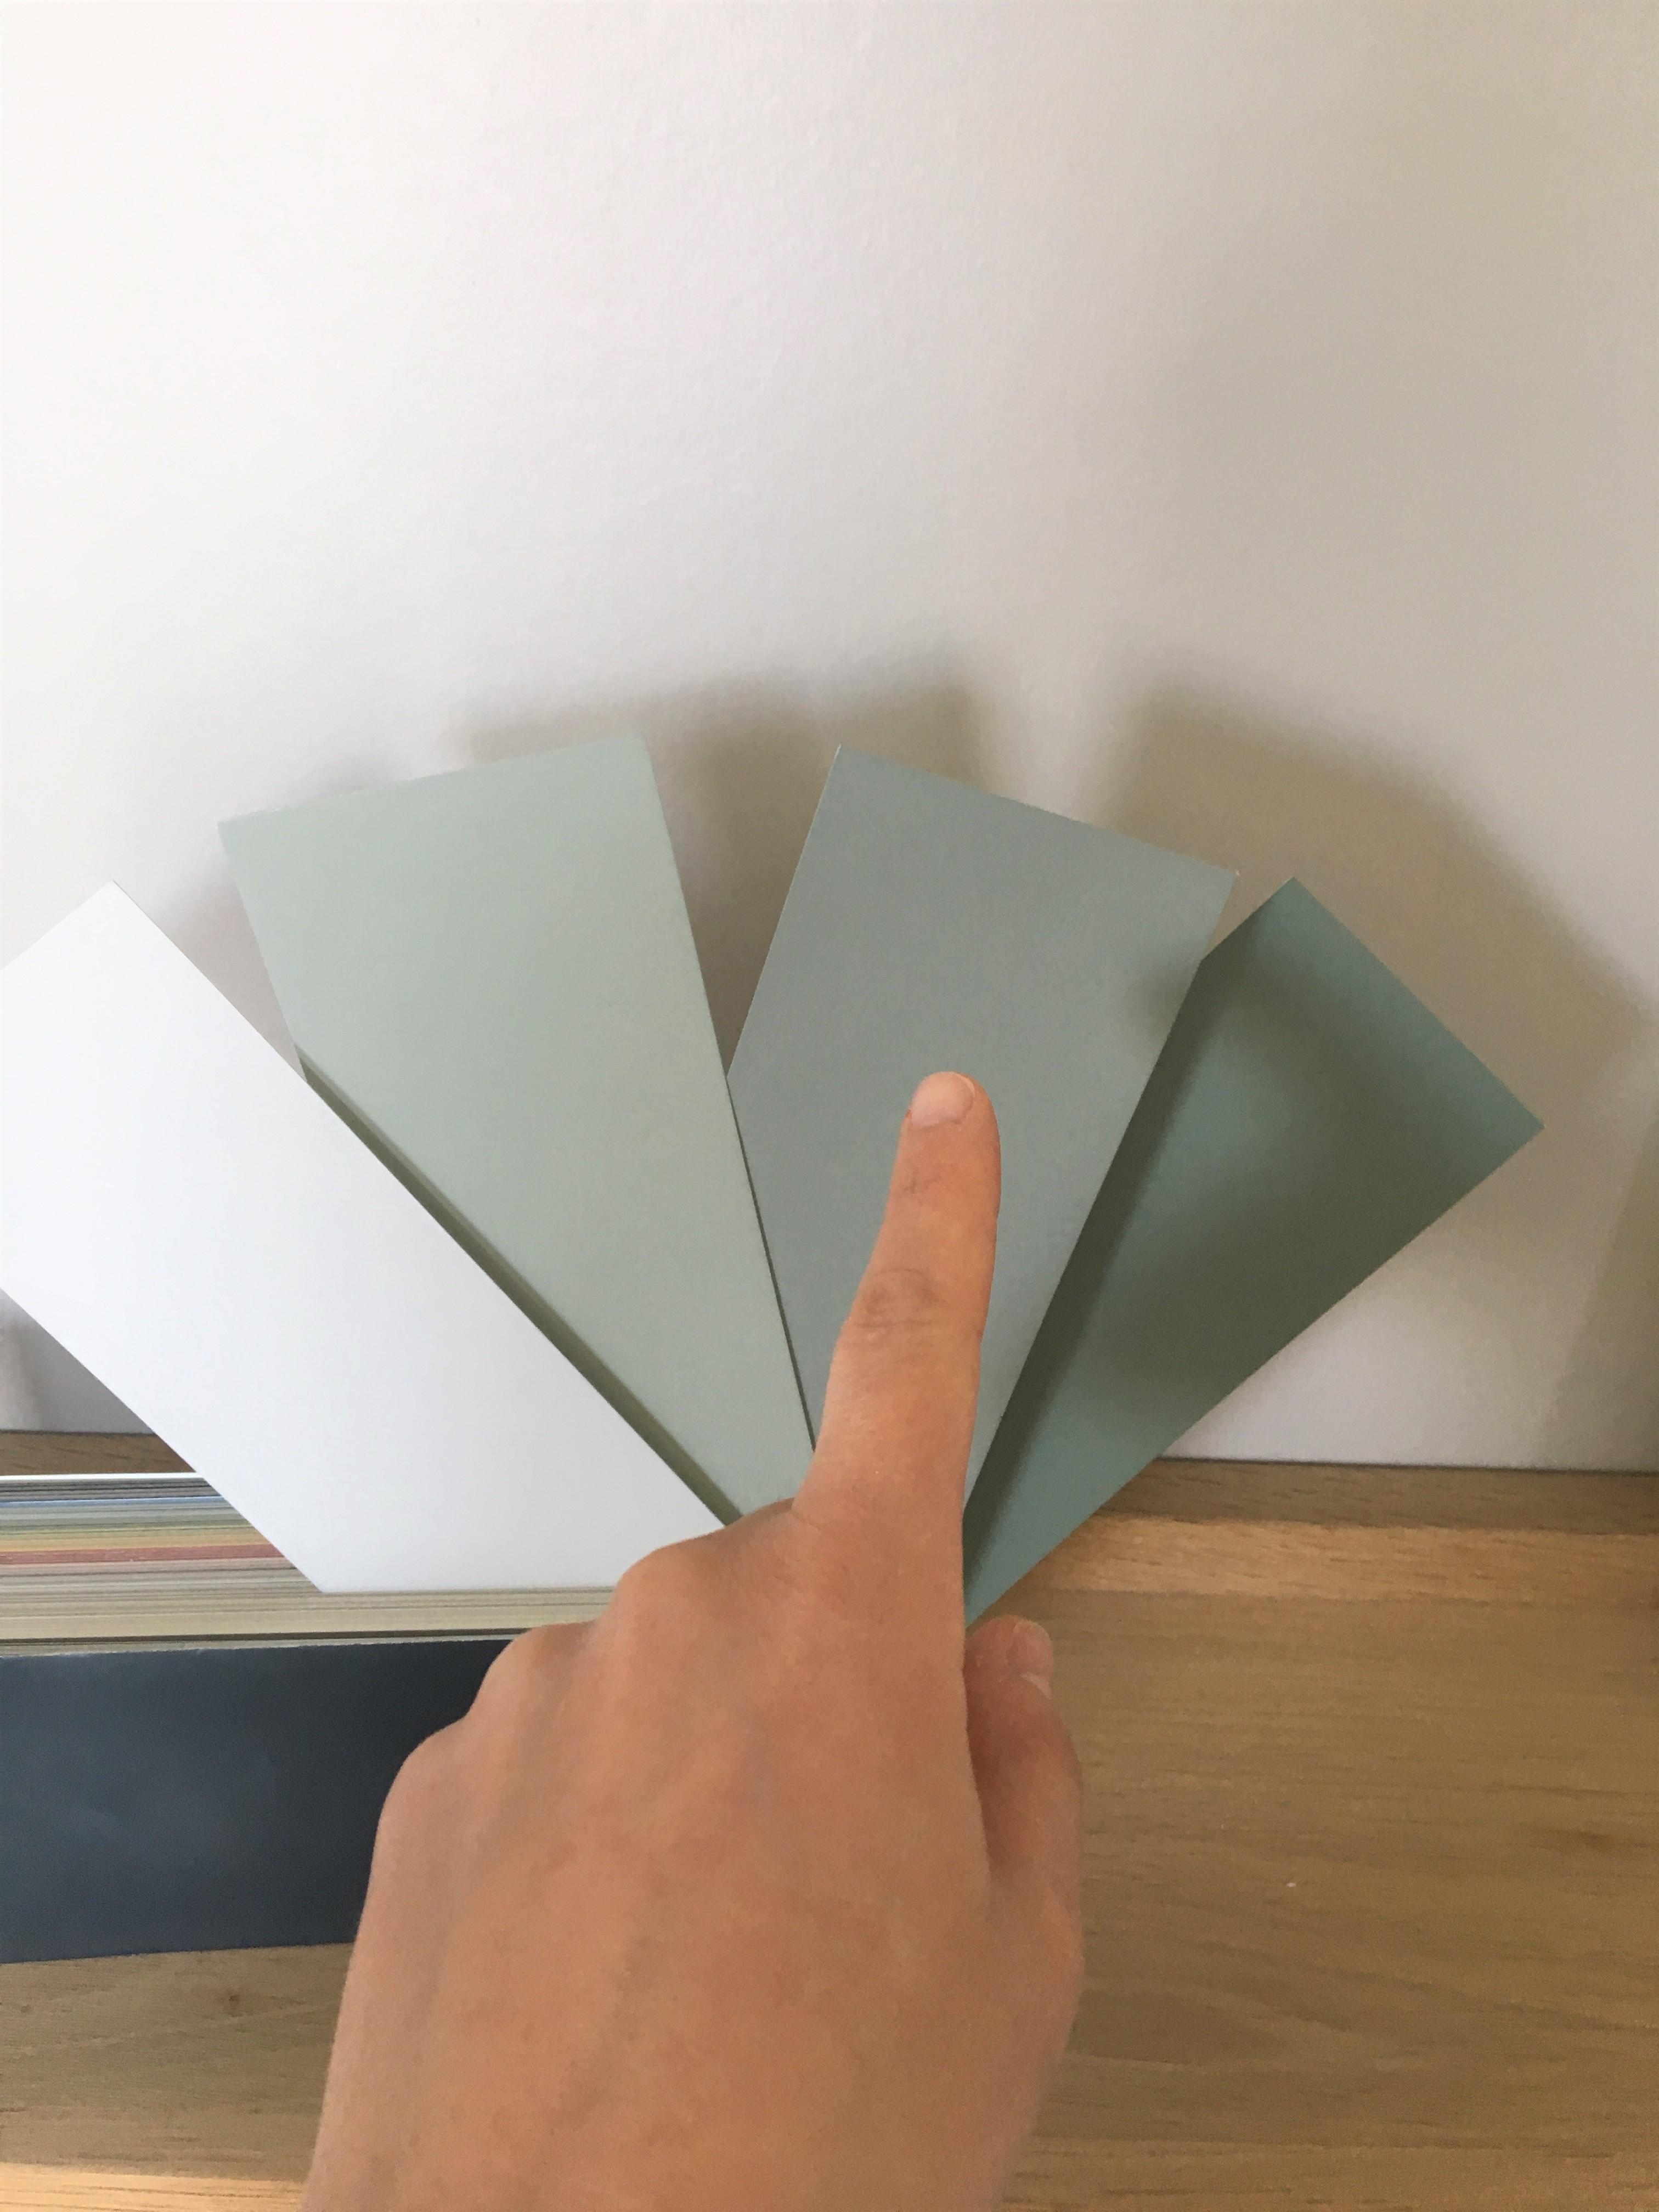 Choisir La Couleur Ideale Pour Votre Piece En 5 Etapes